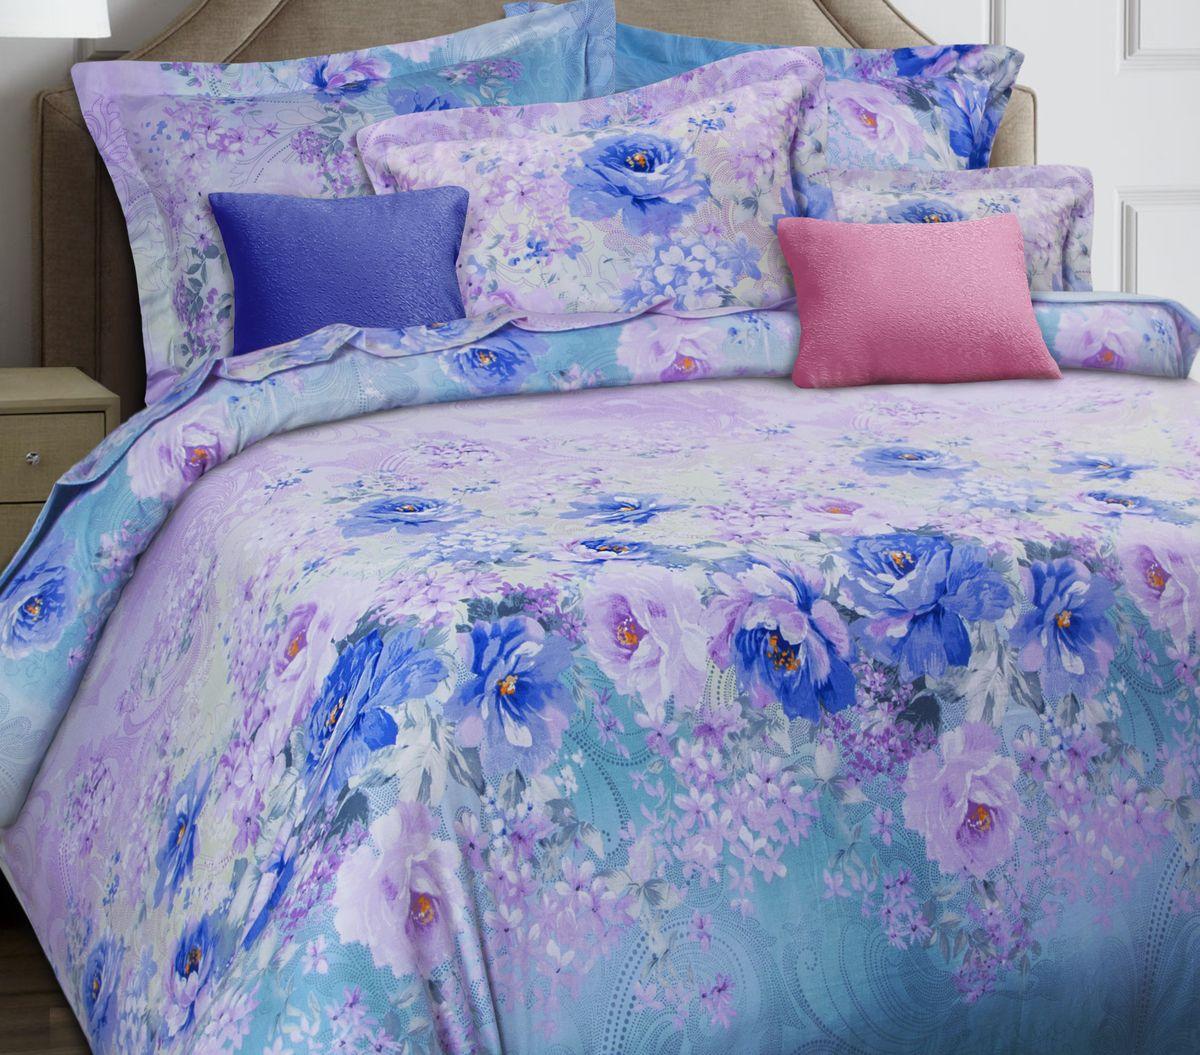 Комплект белья Mona Liza Premium. Hypnosis, 2-спальный, наволочки 50х70, 70х705044/011Комплект постельного белья Mona Liza выполнен из сатина (100% хлопок), состоит из пододеяльника, простыни и четырех наволочек. Изделия оформлены цветочным принтом и декоративной отделкой.Такой изящный комплект, упакованный в чемоданчик, подойдет для любого стилевого и цветового решения интерьера, а также создаст в доме уют.